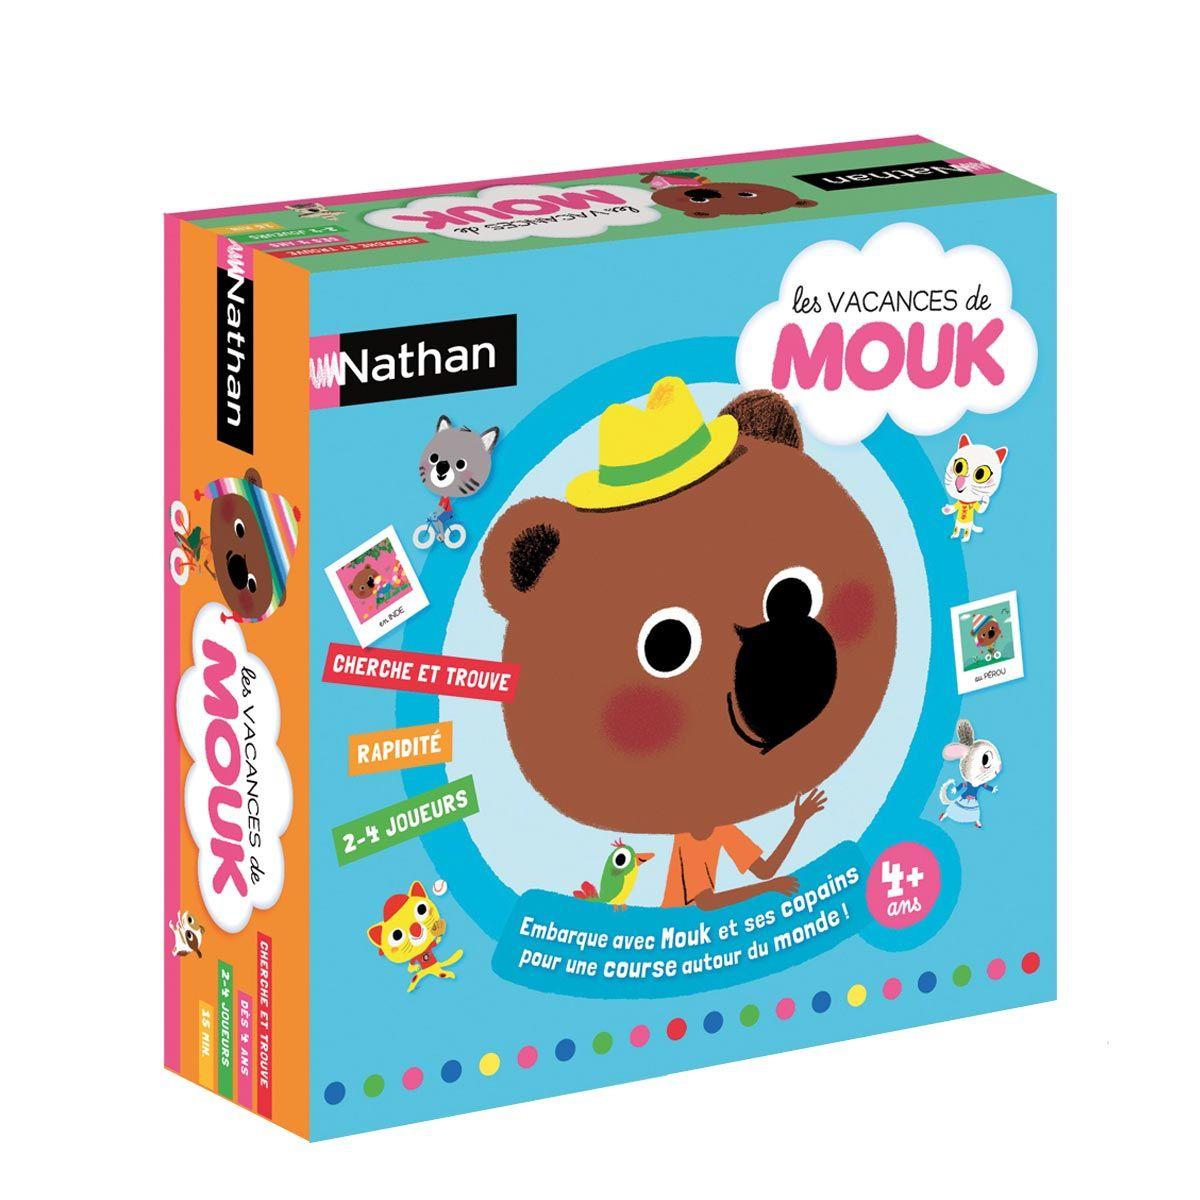 Jeu De Société Mouk Nathan Pour Enfant De 4 Ans À 8 Ans destiné Jeux De Memoire Pour Enfant